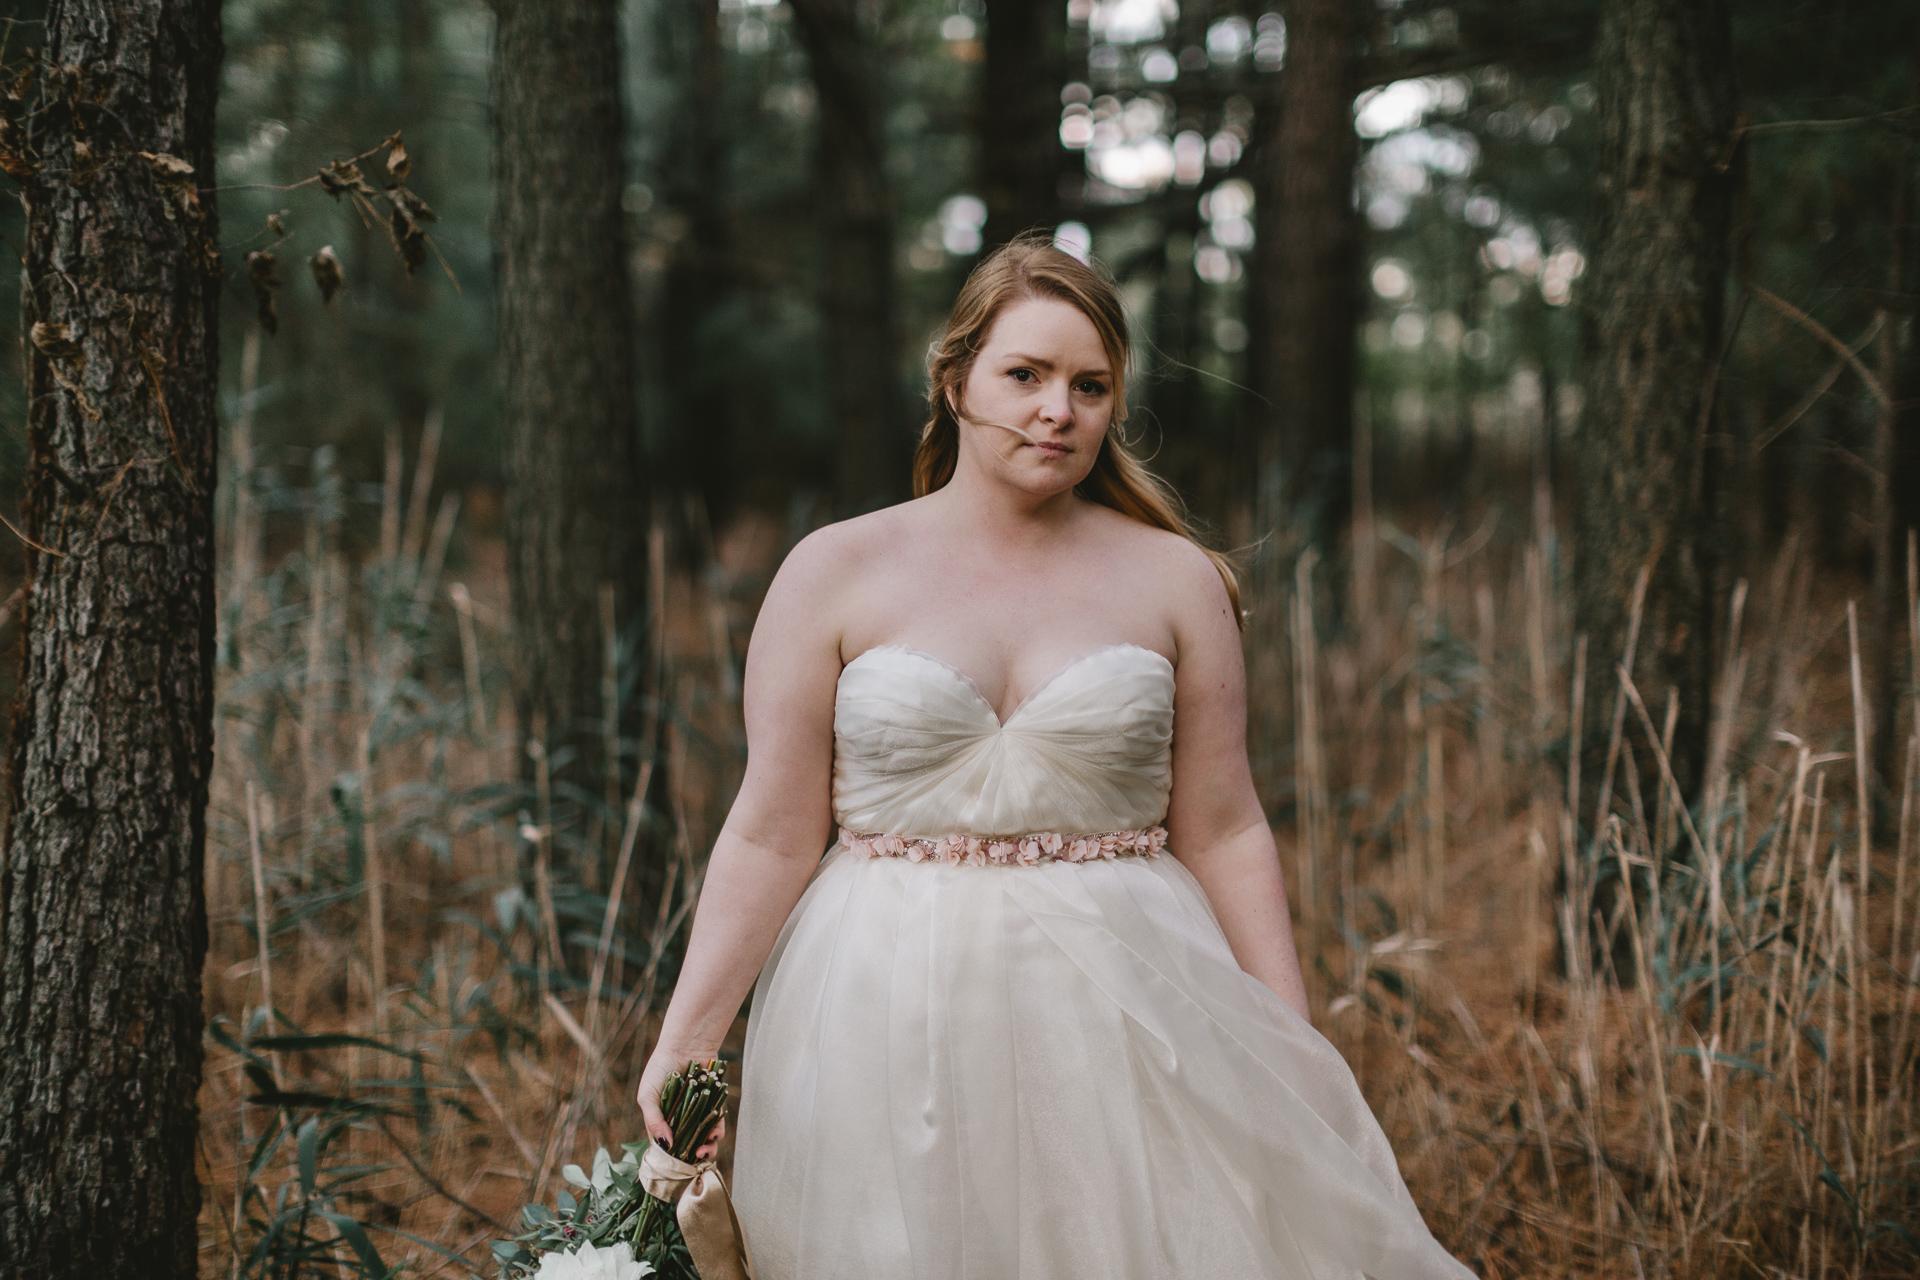 jess-hunter-tilghman-island-wedding-photographer-8179.jpg